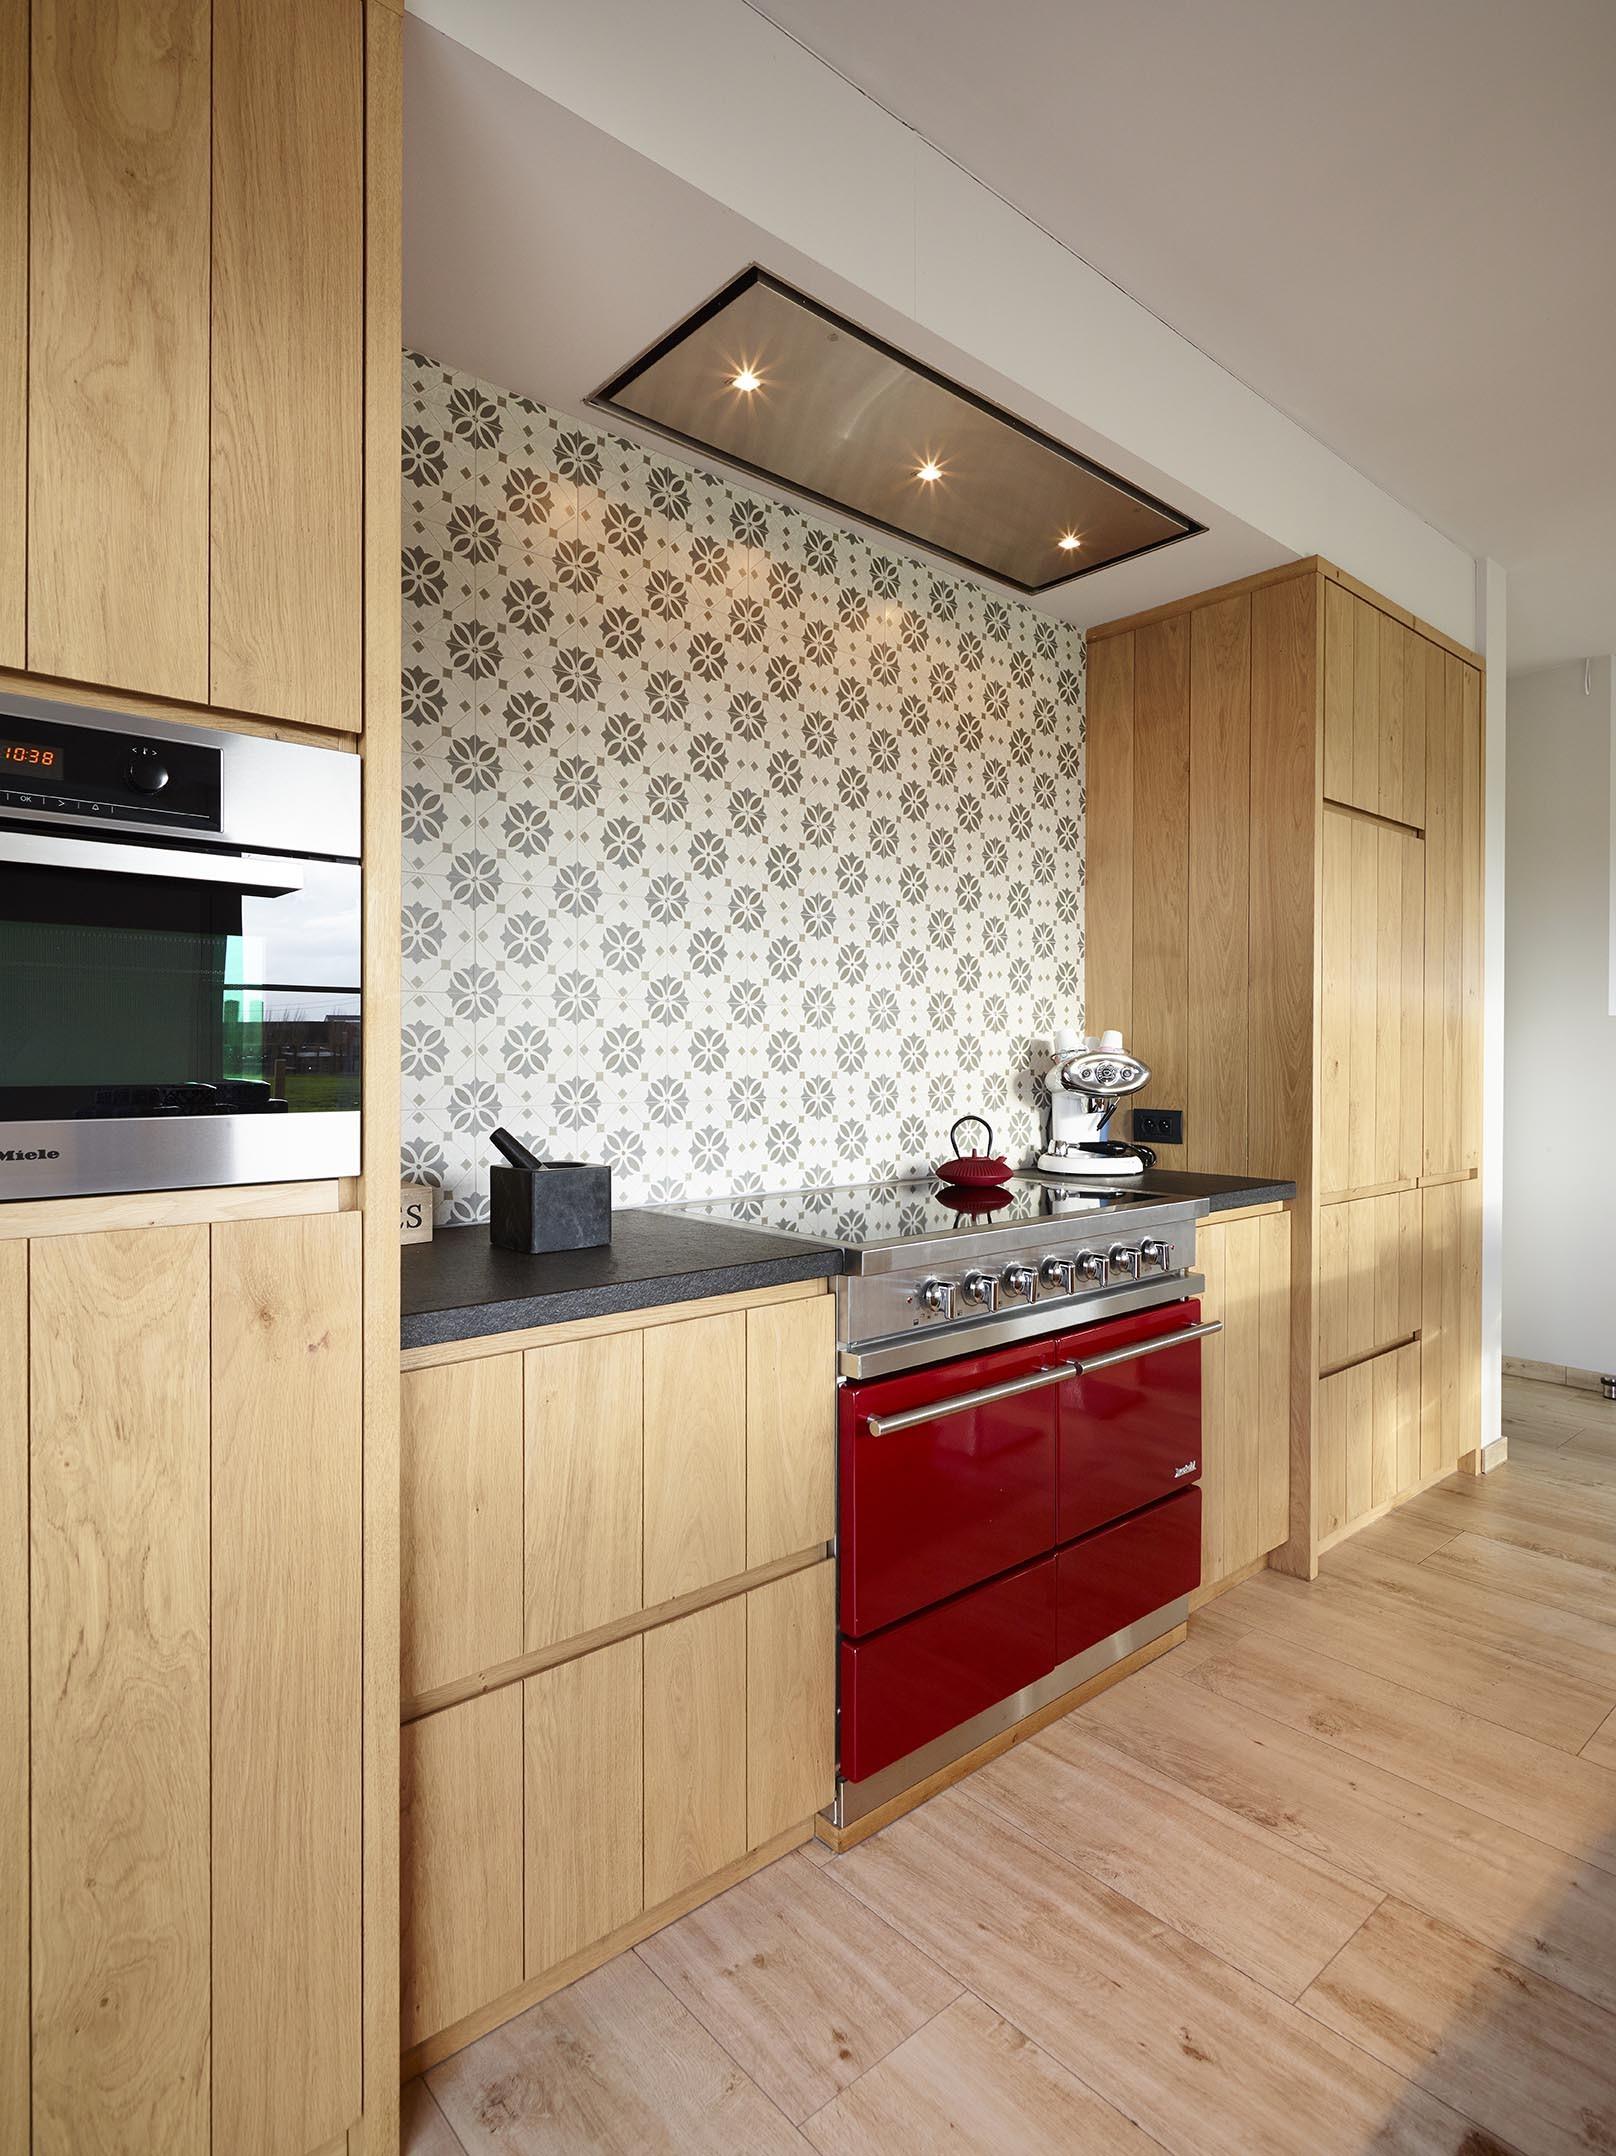 Een moderne landelijke keuken op maat de bosbeke - Keuken stijl ...